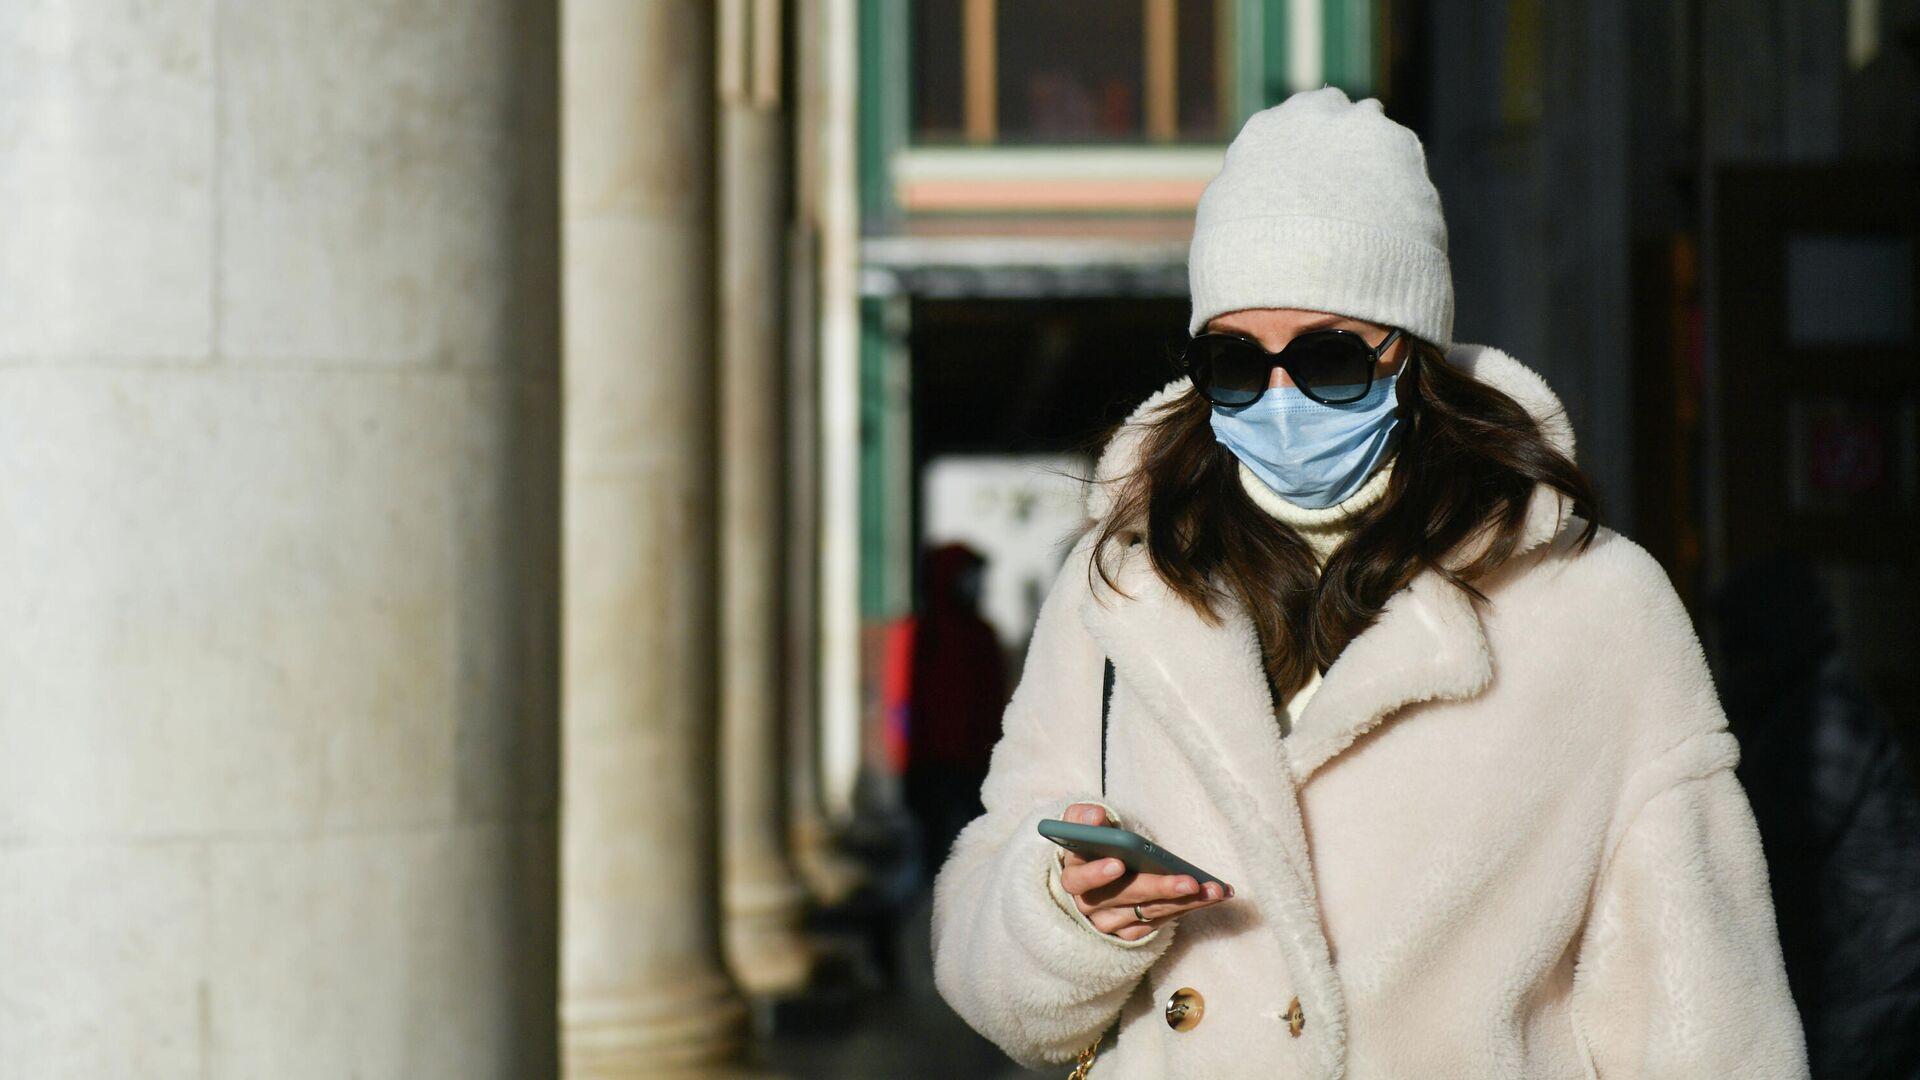 Девушка в защитной маске на улице в Москве - РИА Новости, 1920, 30.11.2020